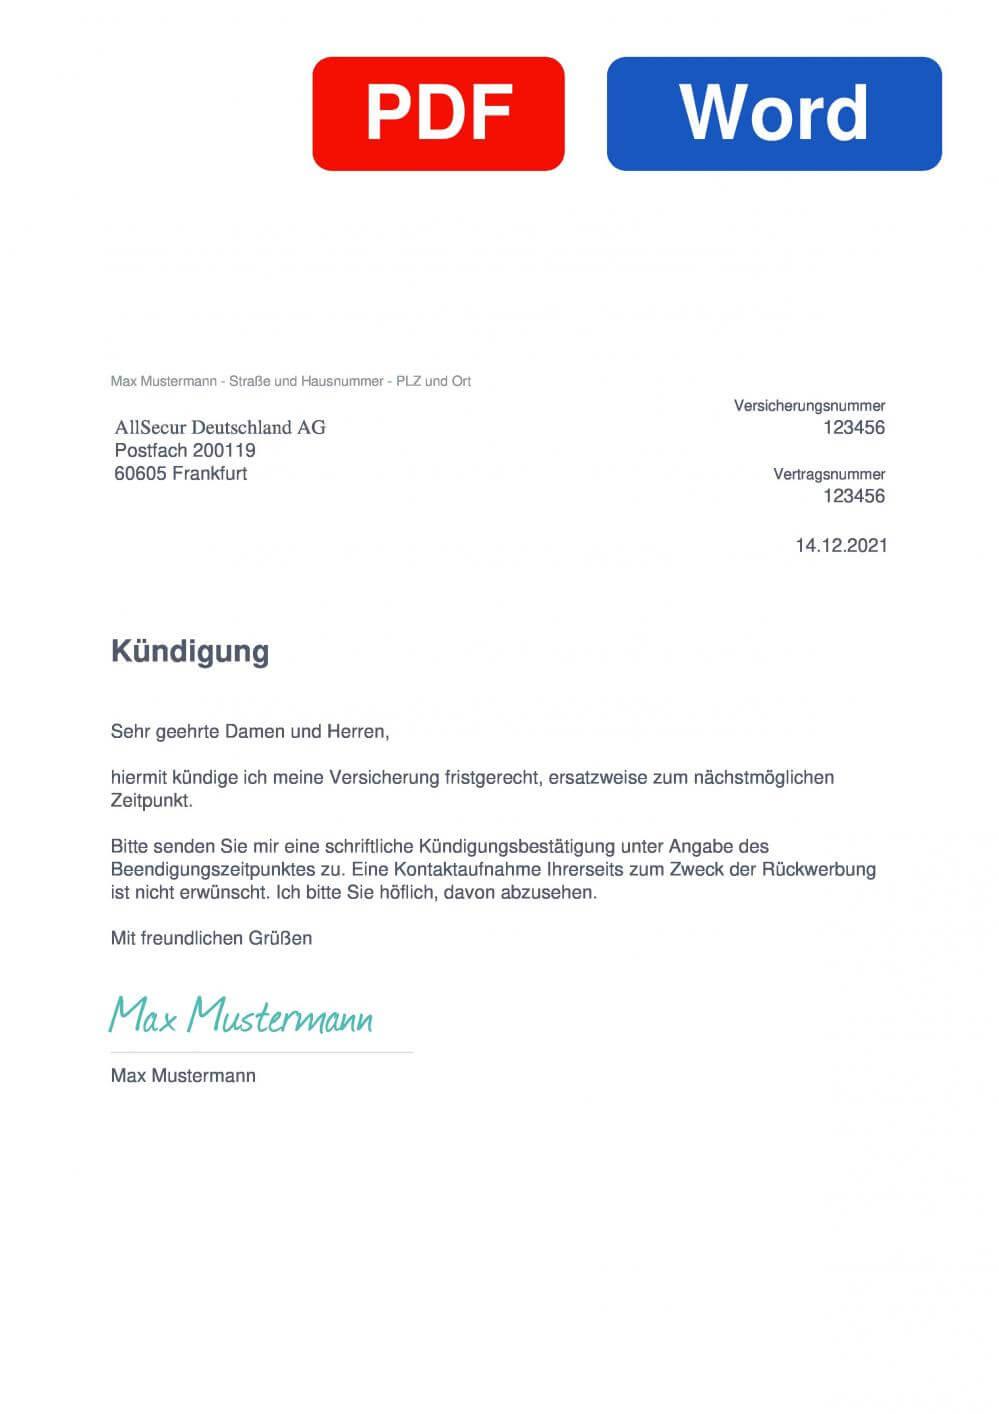 Allianz 24 Muster Vorlage für Kündigungsschreiben